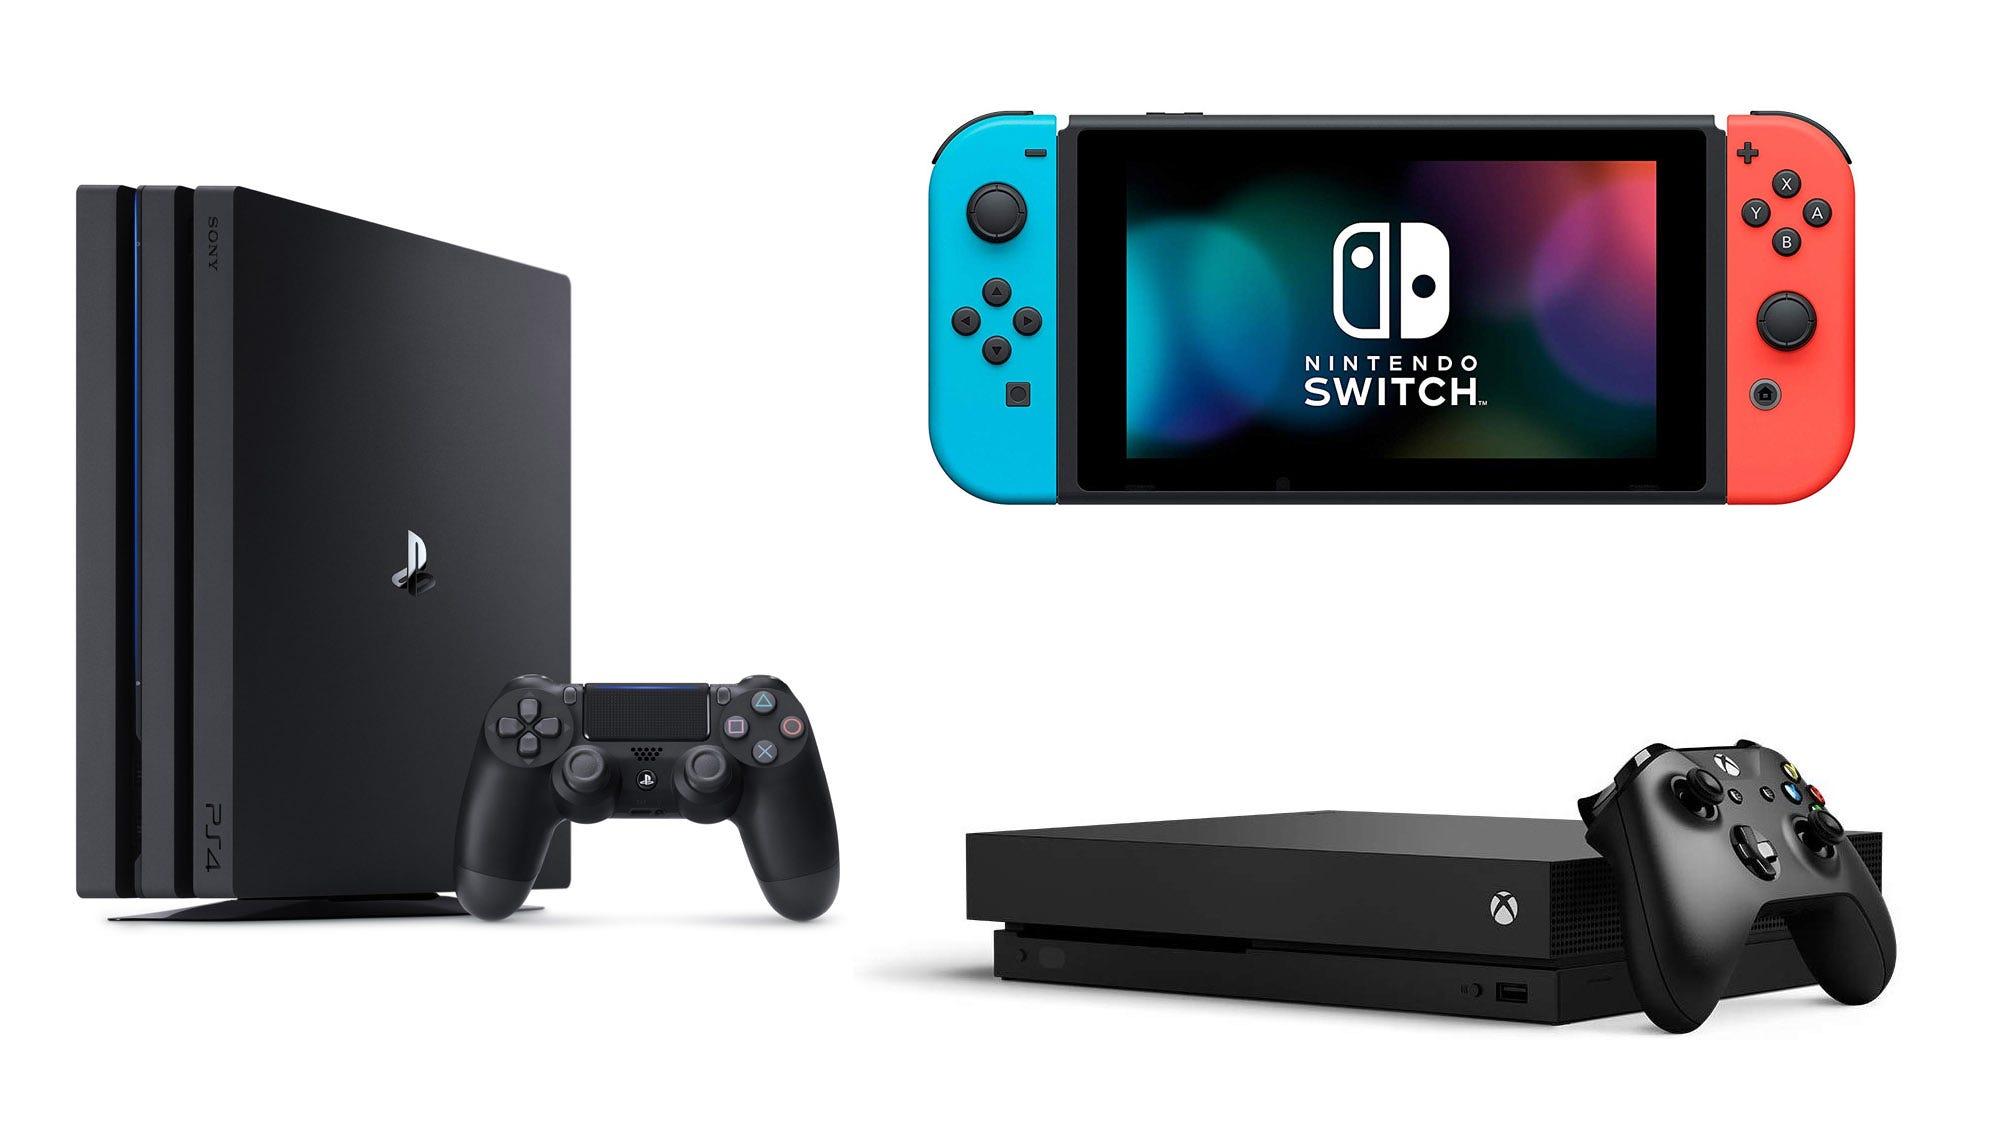 PS4 PRo, Xbox One X, Nintendo Switch